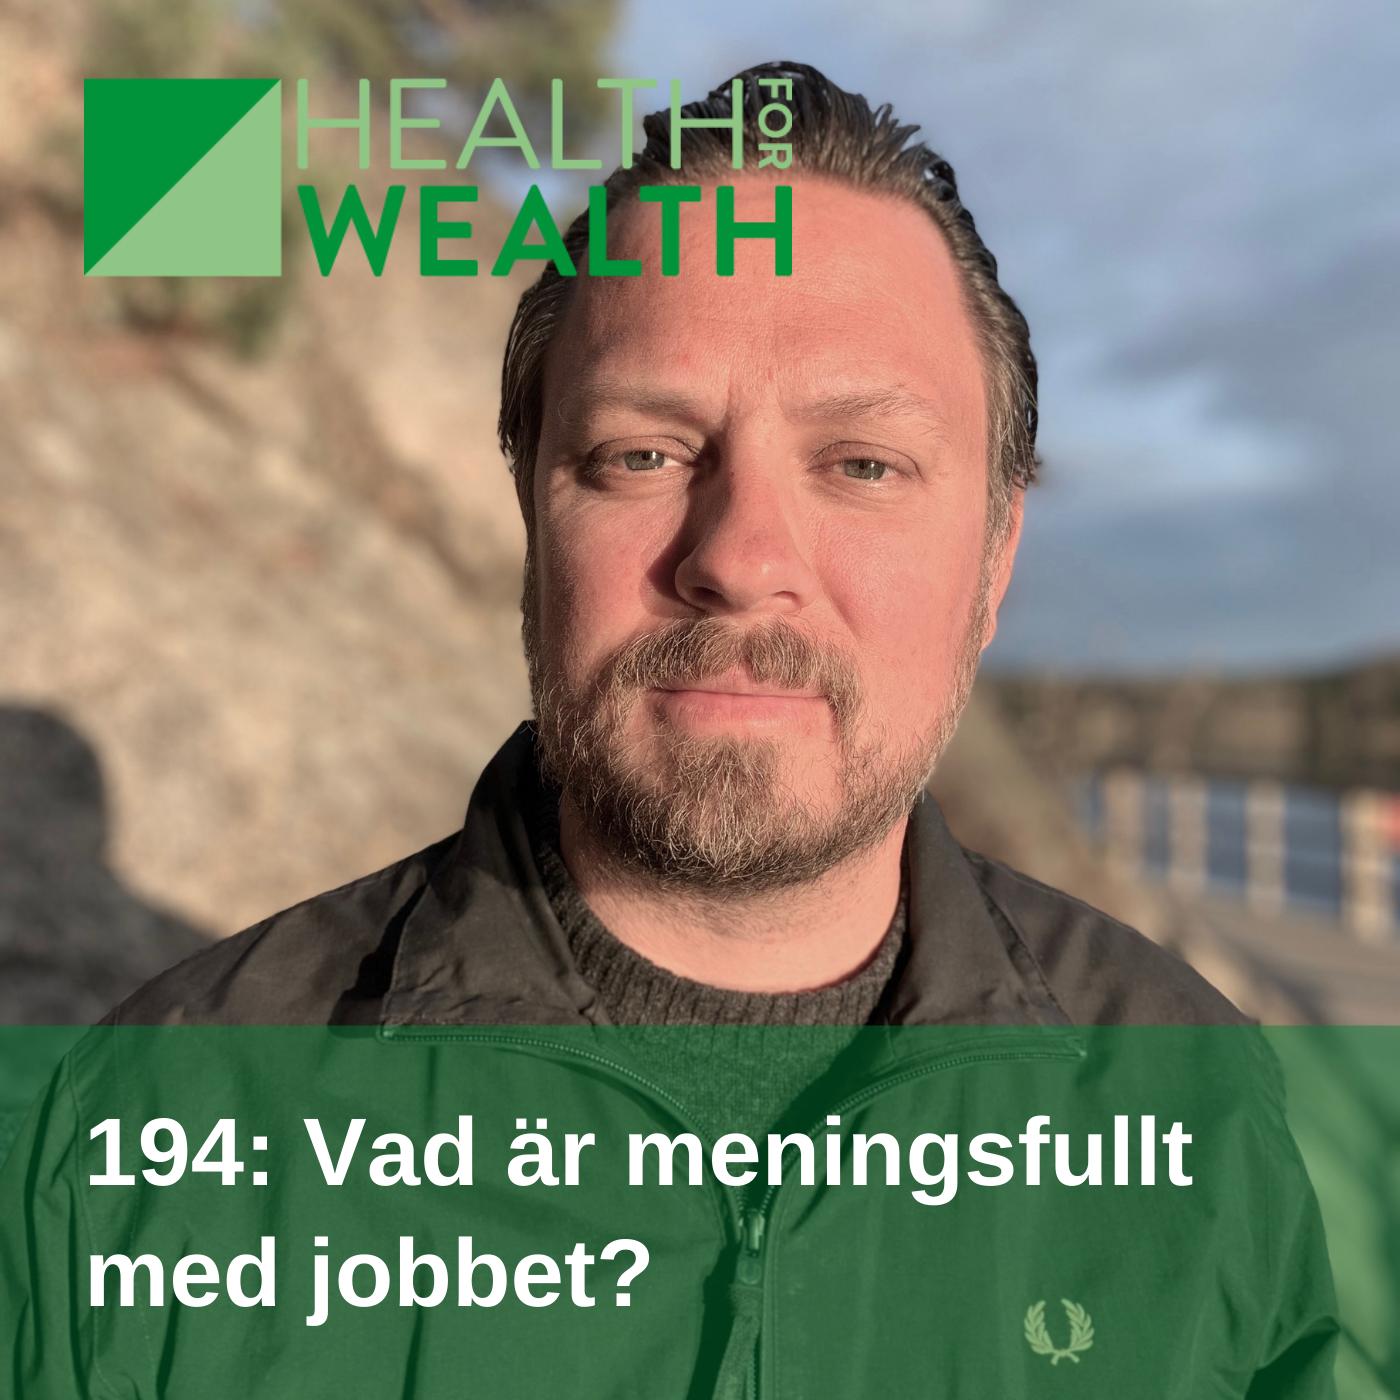 194: Vad är meningsfullt med jobbet?